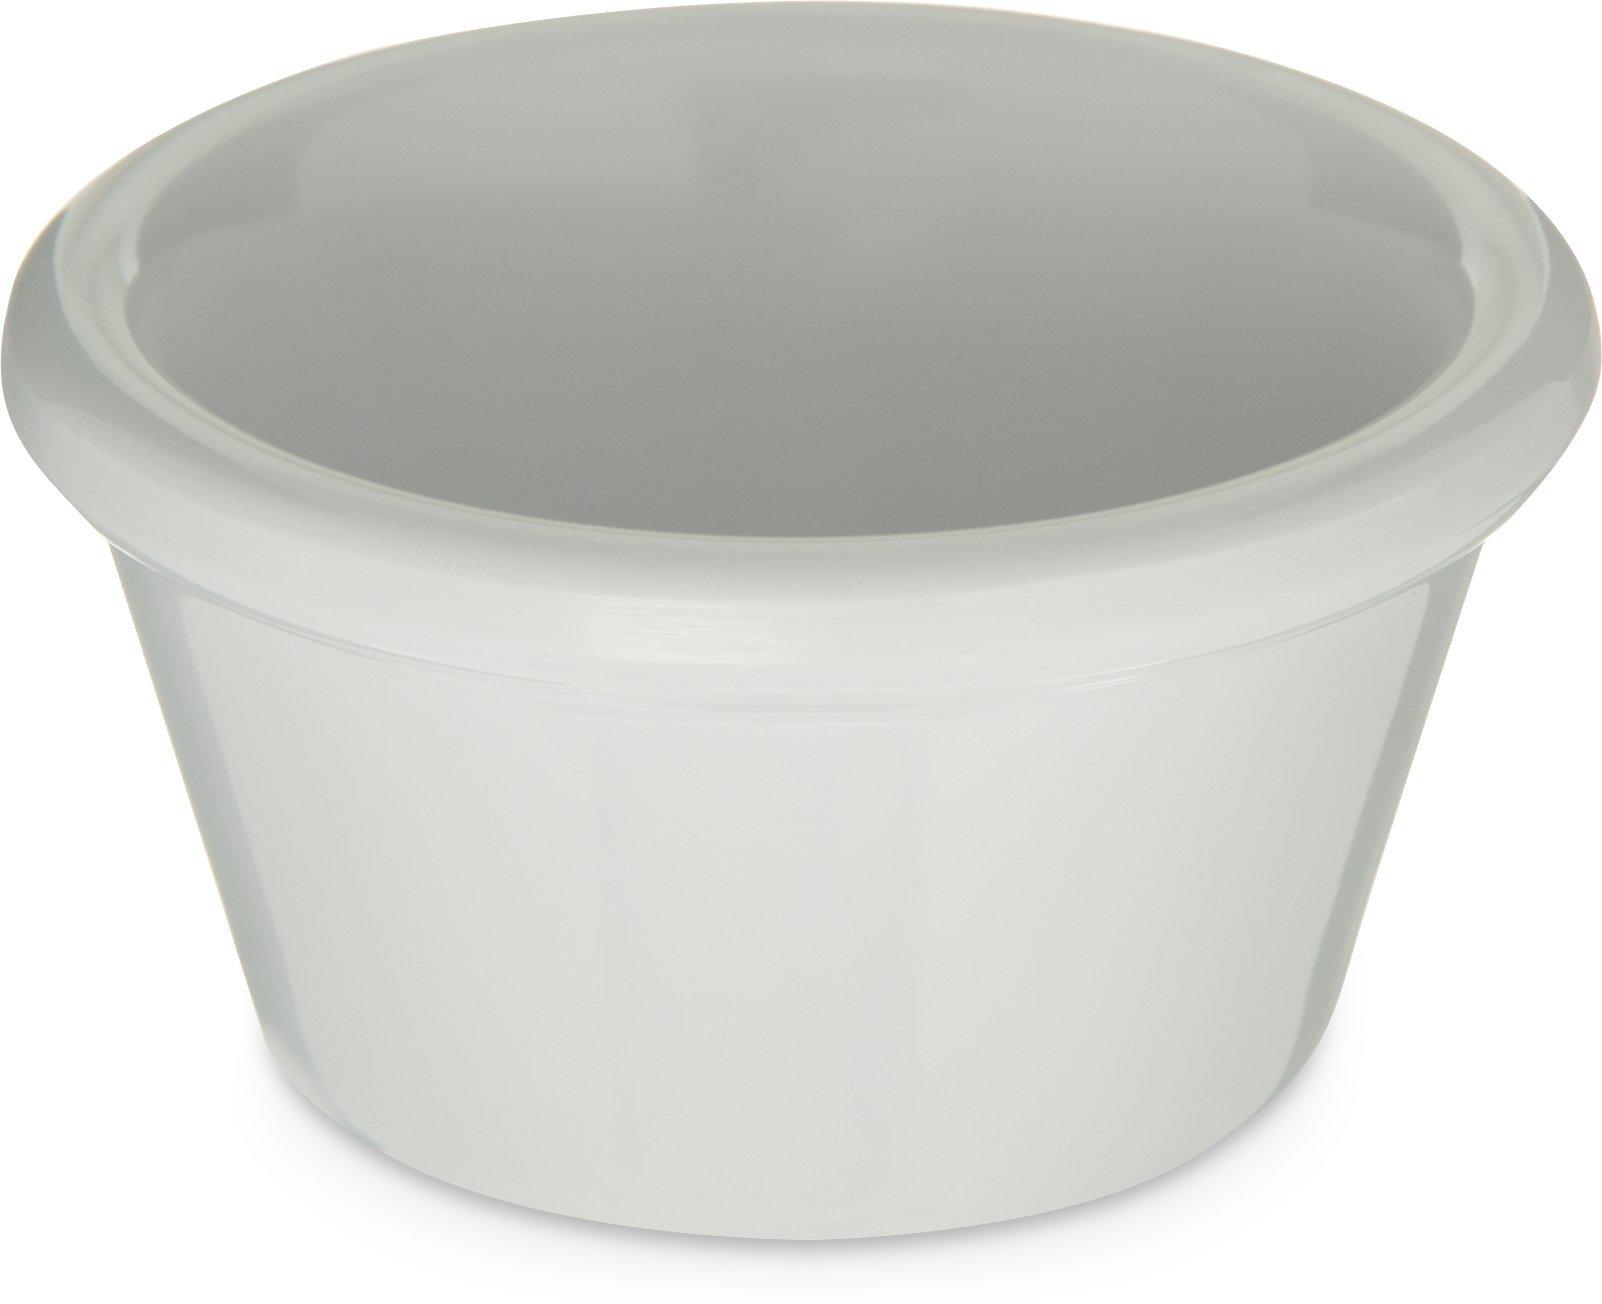 Carlisle 085202 Melamine Smooth Ramekin, 2 oz. Capacity, White (Case of 72)